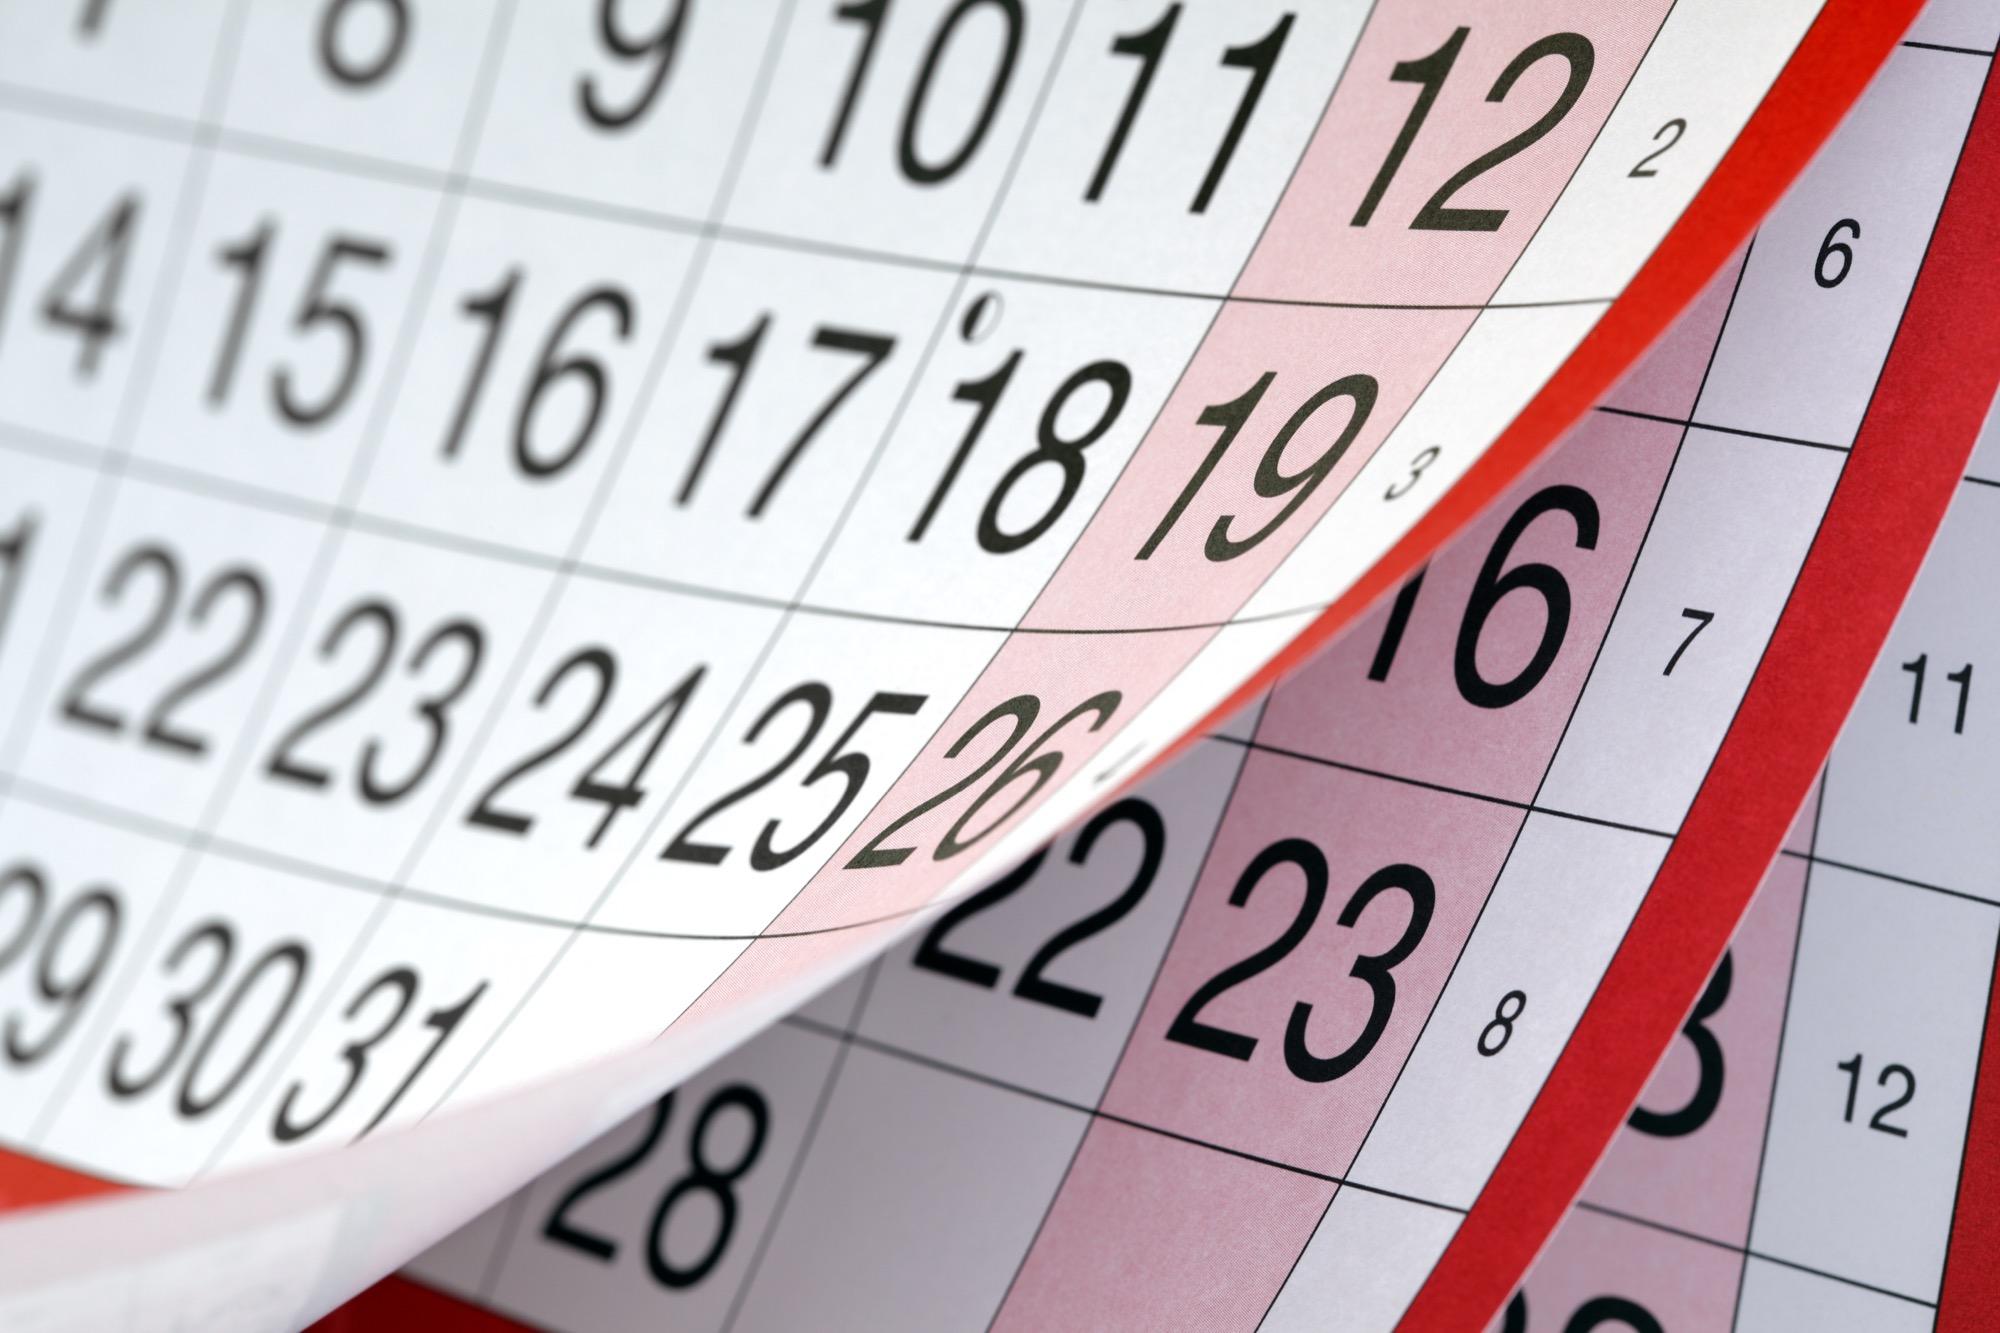 Veranstaltungen-Termine-2016-Kalender-Lippstadt-ZV-Erwitte